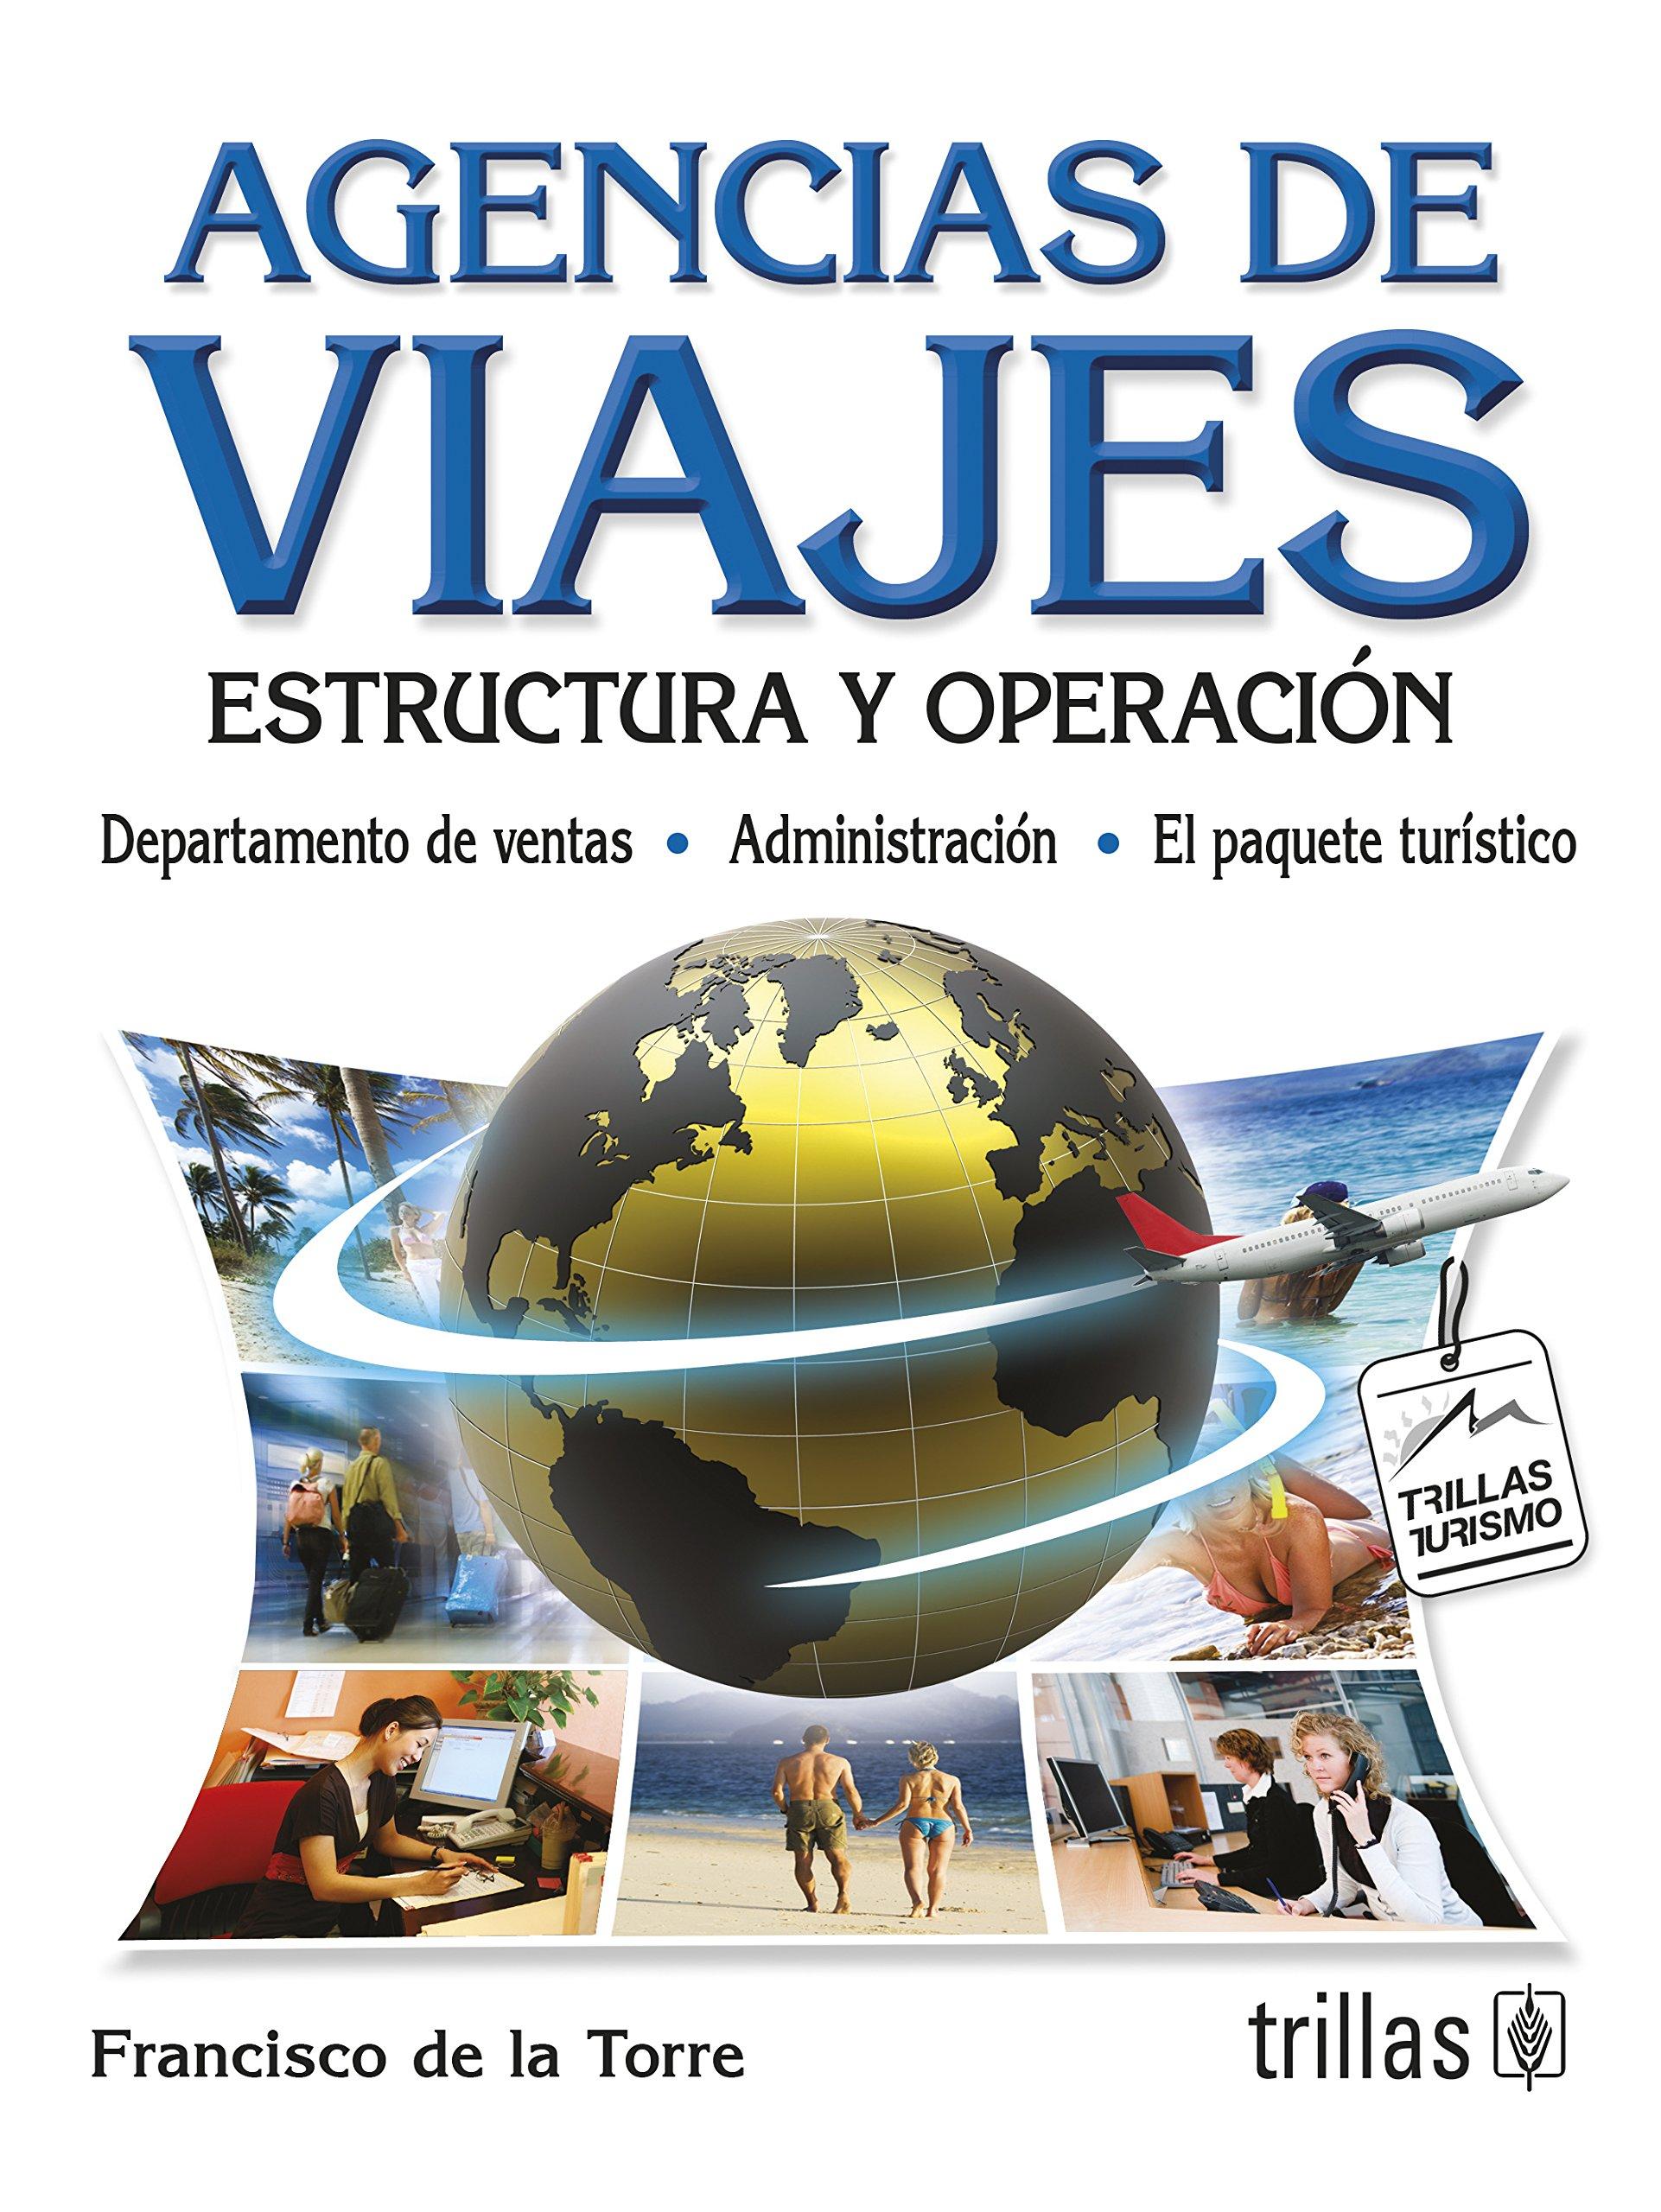 Agencias de viajes y transportacion / Travel agencies and transportation (Spanish Edition) PDF